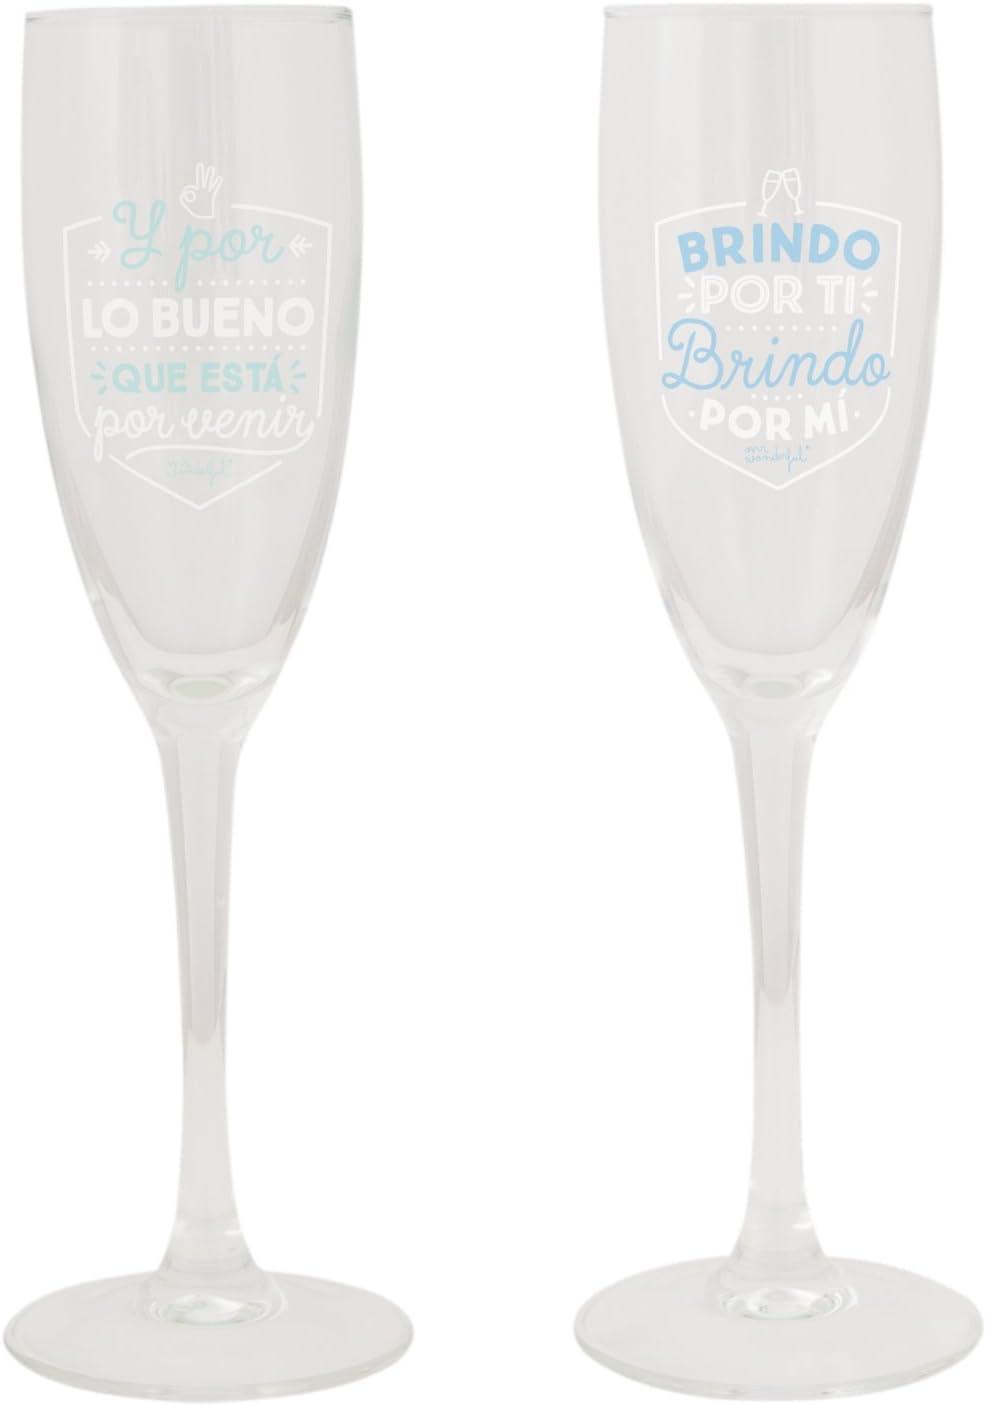 Mr. Wonderful Copas para brindar por lo Bueno Que está por Llegar, Pack de 2 Unidades, Cristal, 14.6x11.5x14.8 cm